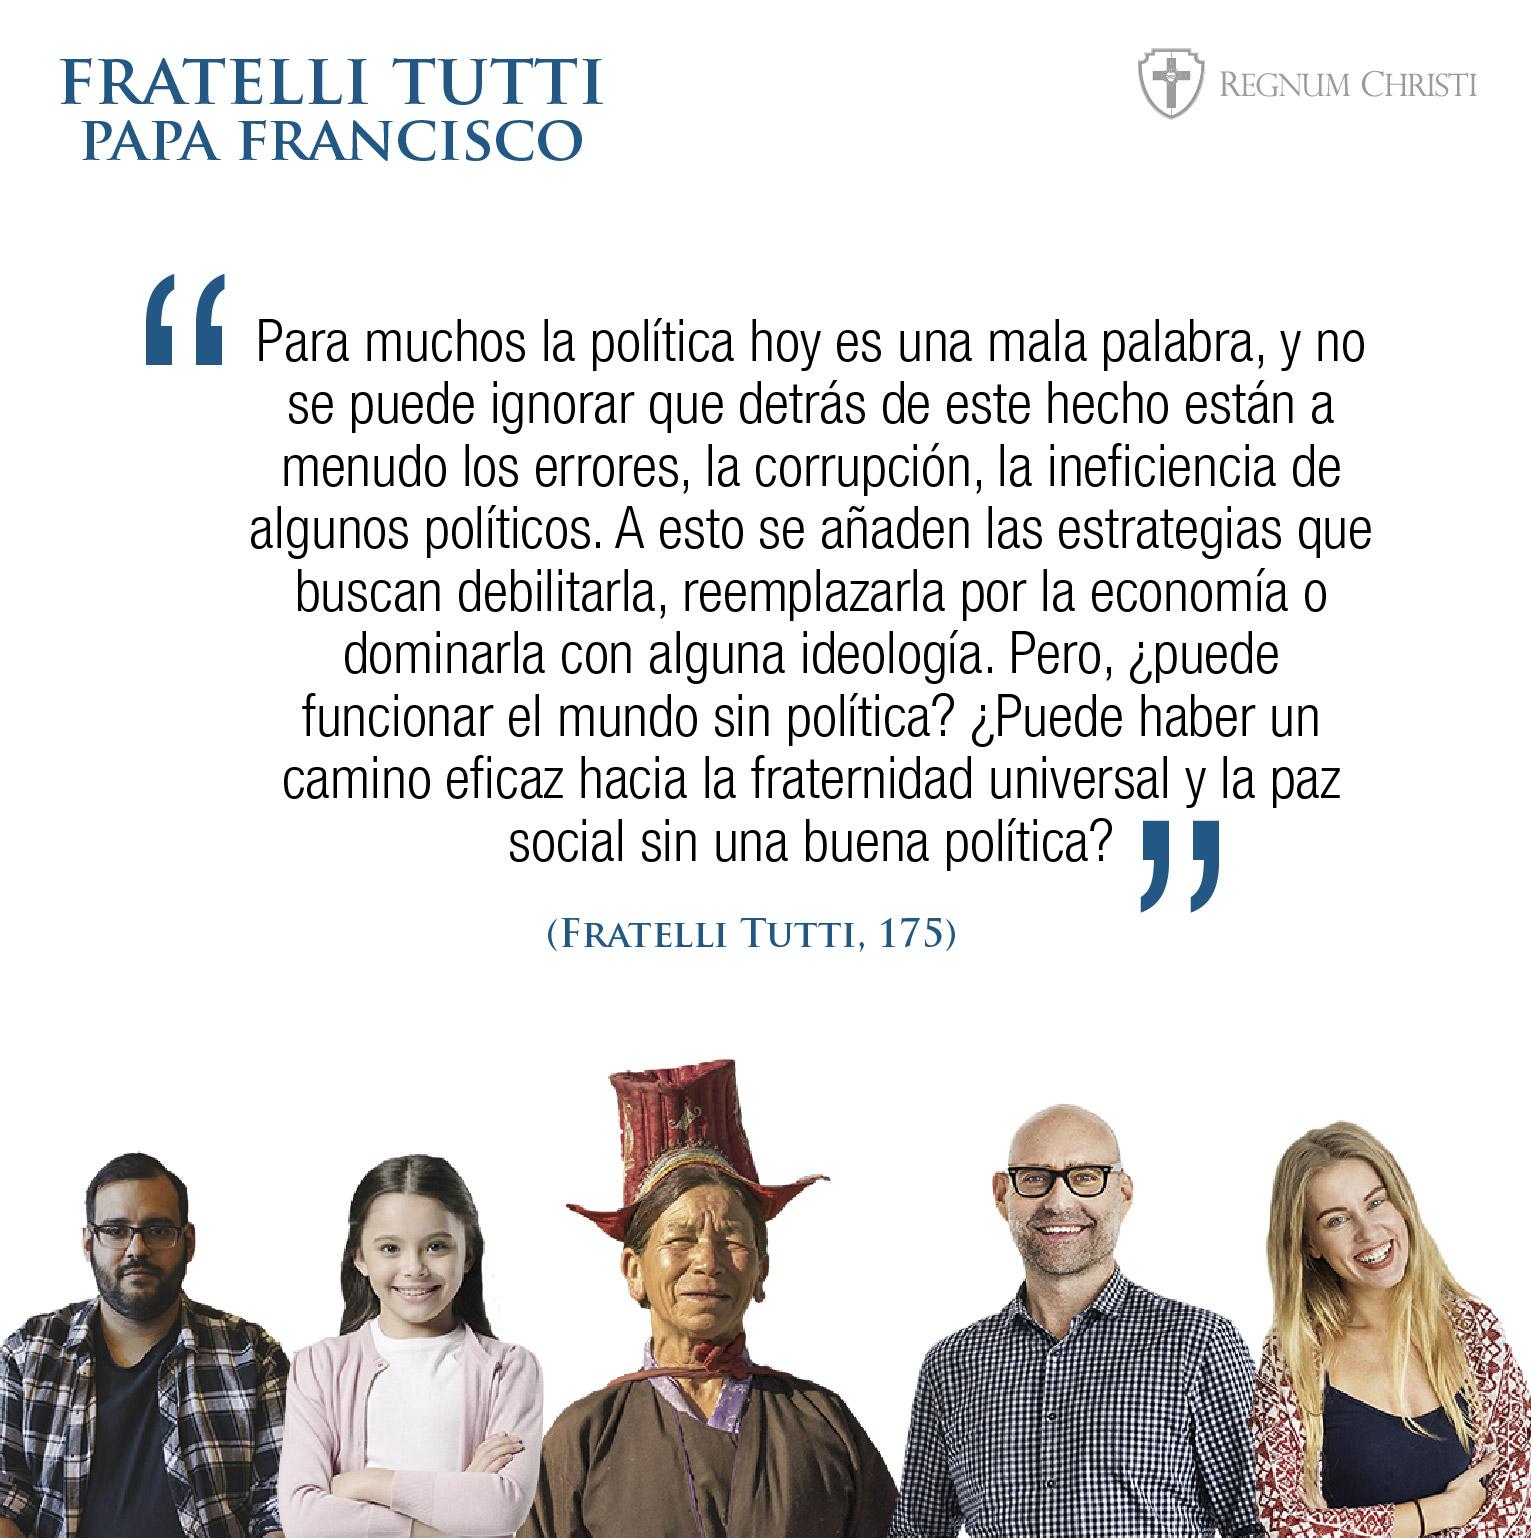 Fratelli Tutti-08